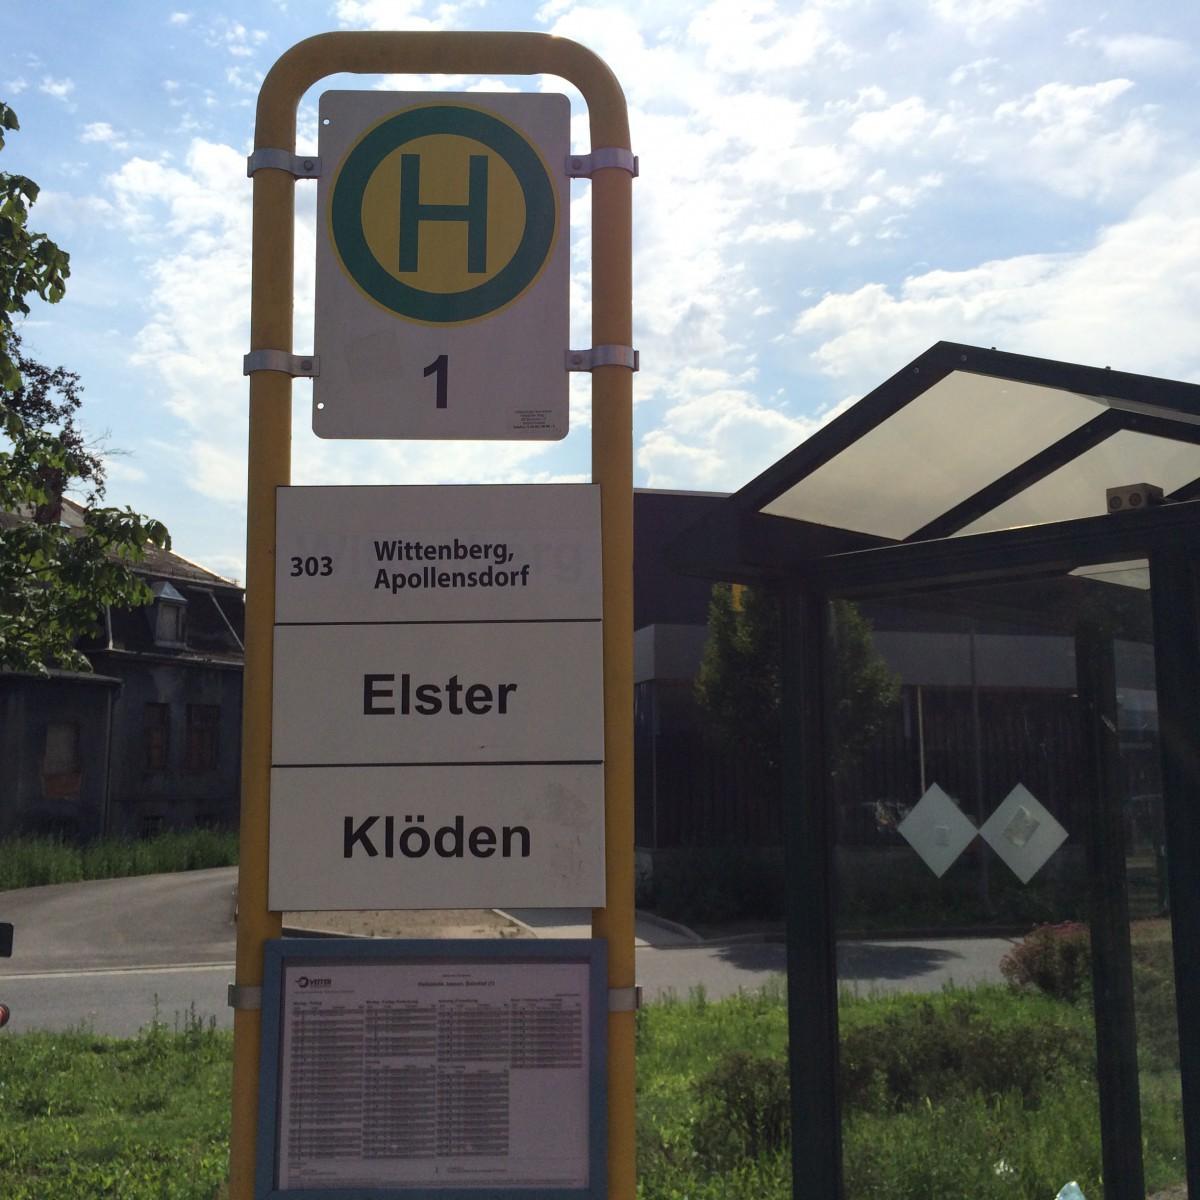 Vielversprechende Ortsnamen – Ankunft in Jessen